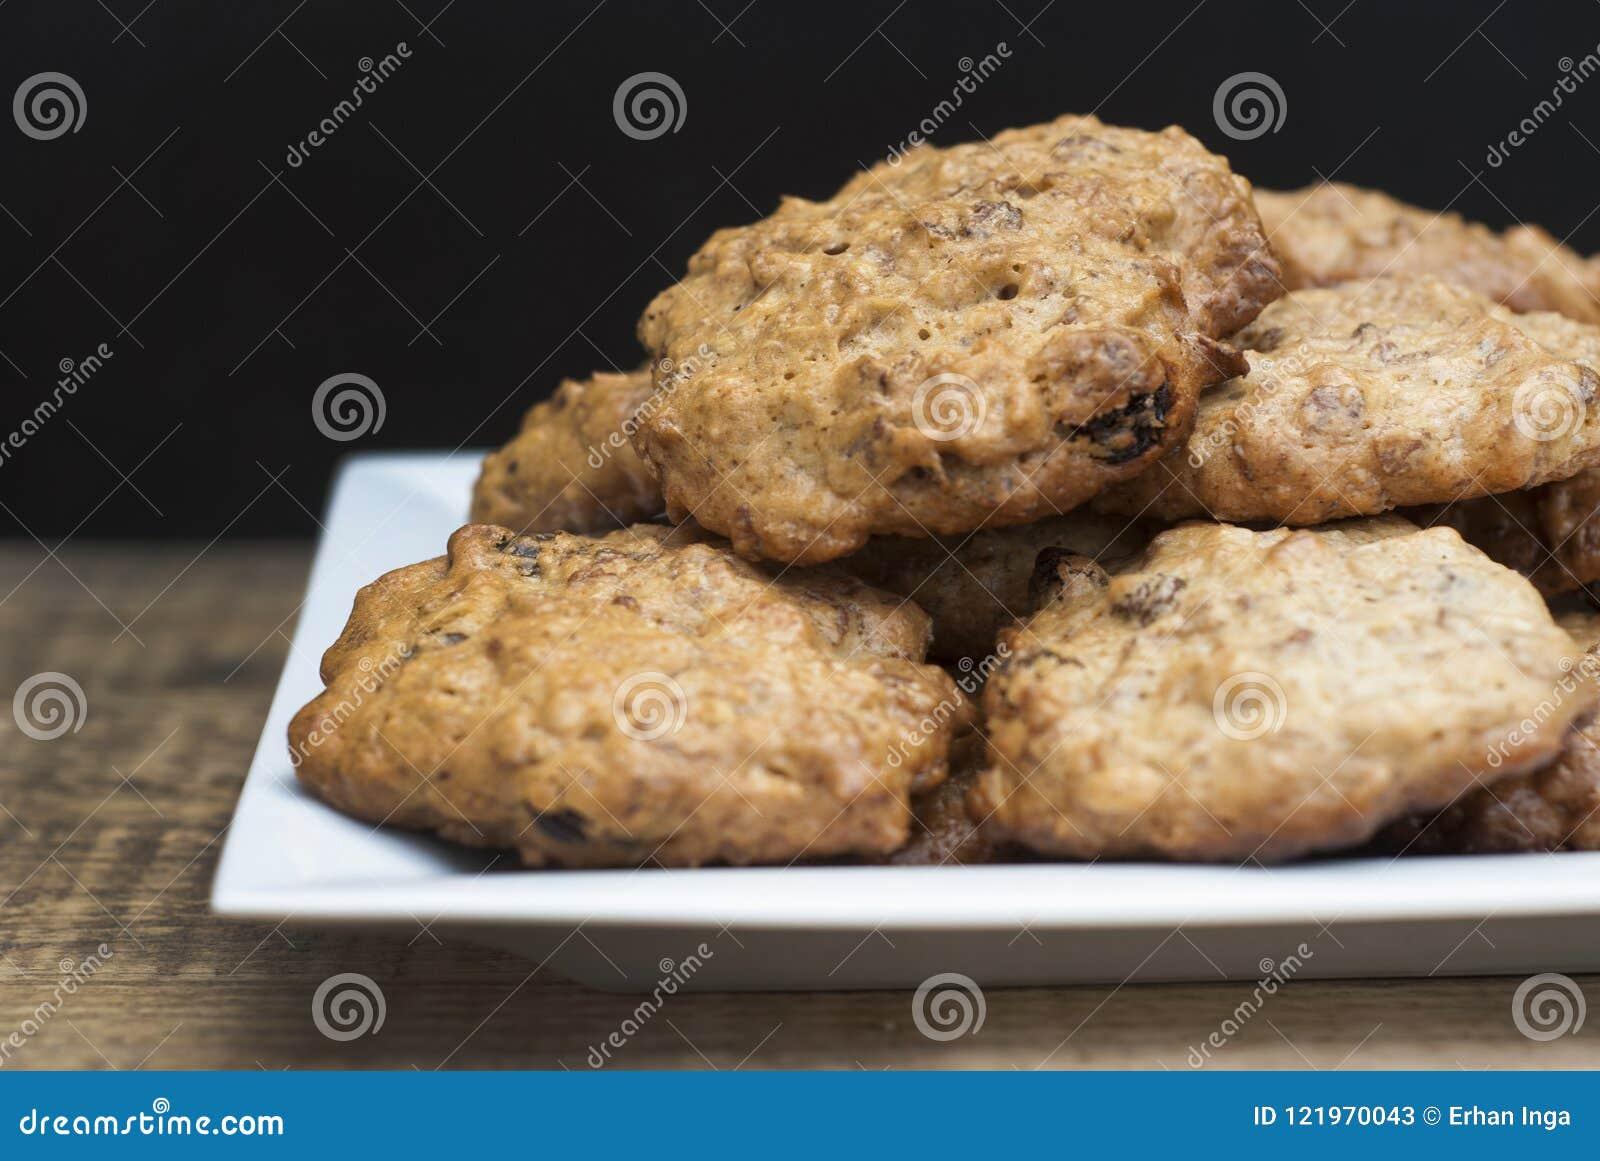 Σπιτικά oatmeal μπισκότα στο άσπρο τετραγωνικό πιάτο, στον ξύλινο πίνακα και το μαύρο υπόβαθρο Γλυκό πρόχειρο φαγητό επιδορπίων,